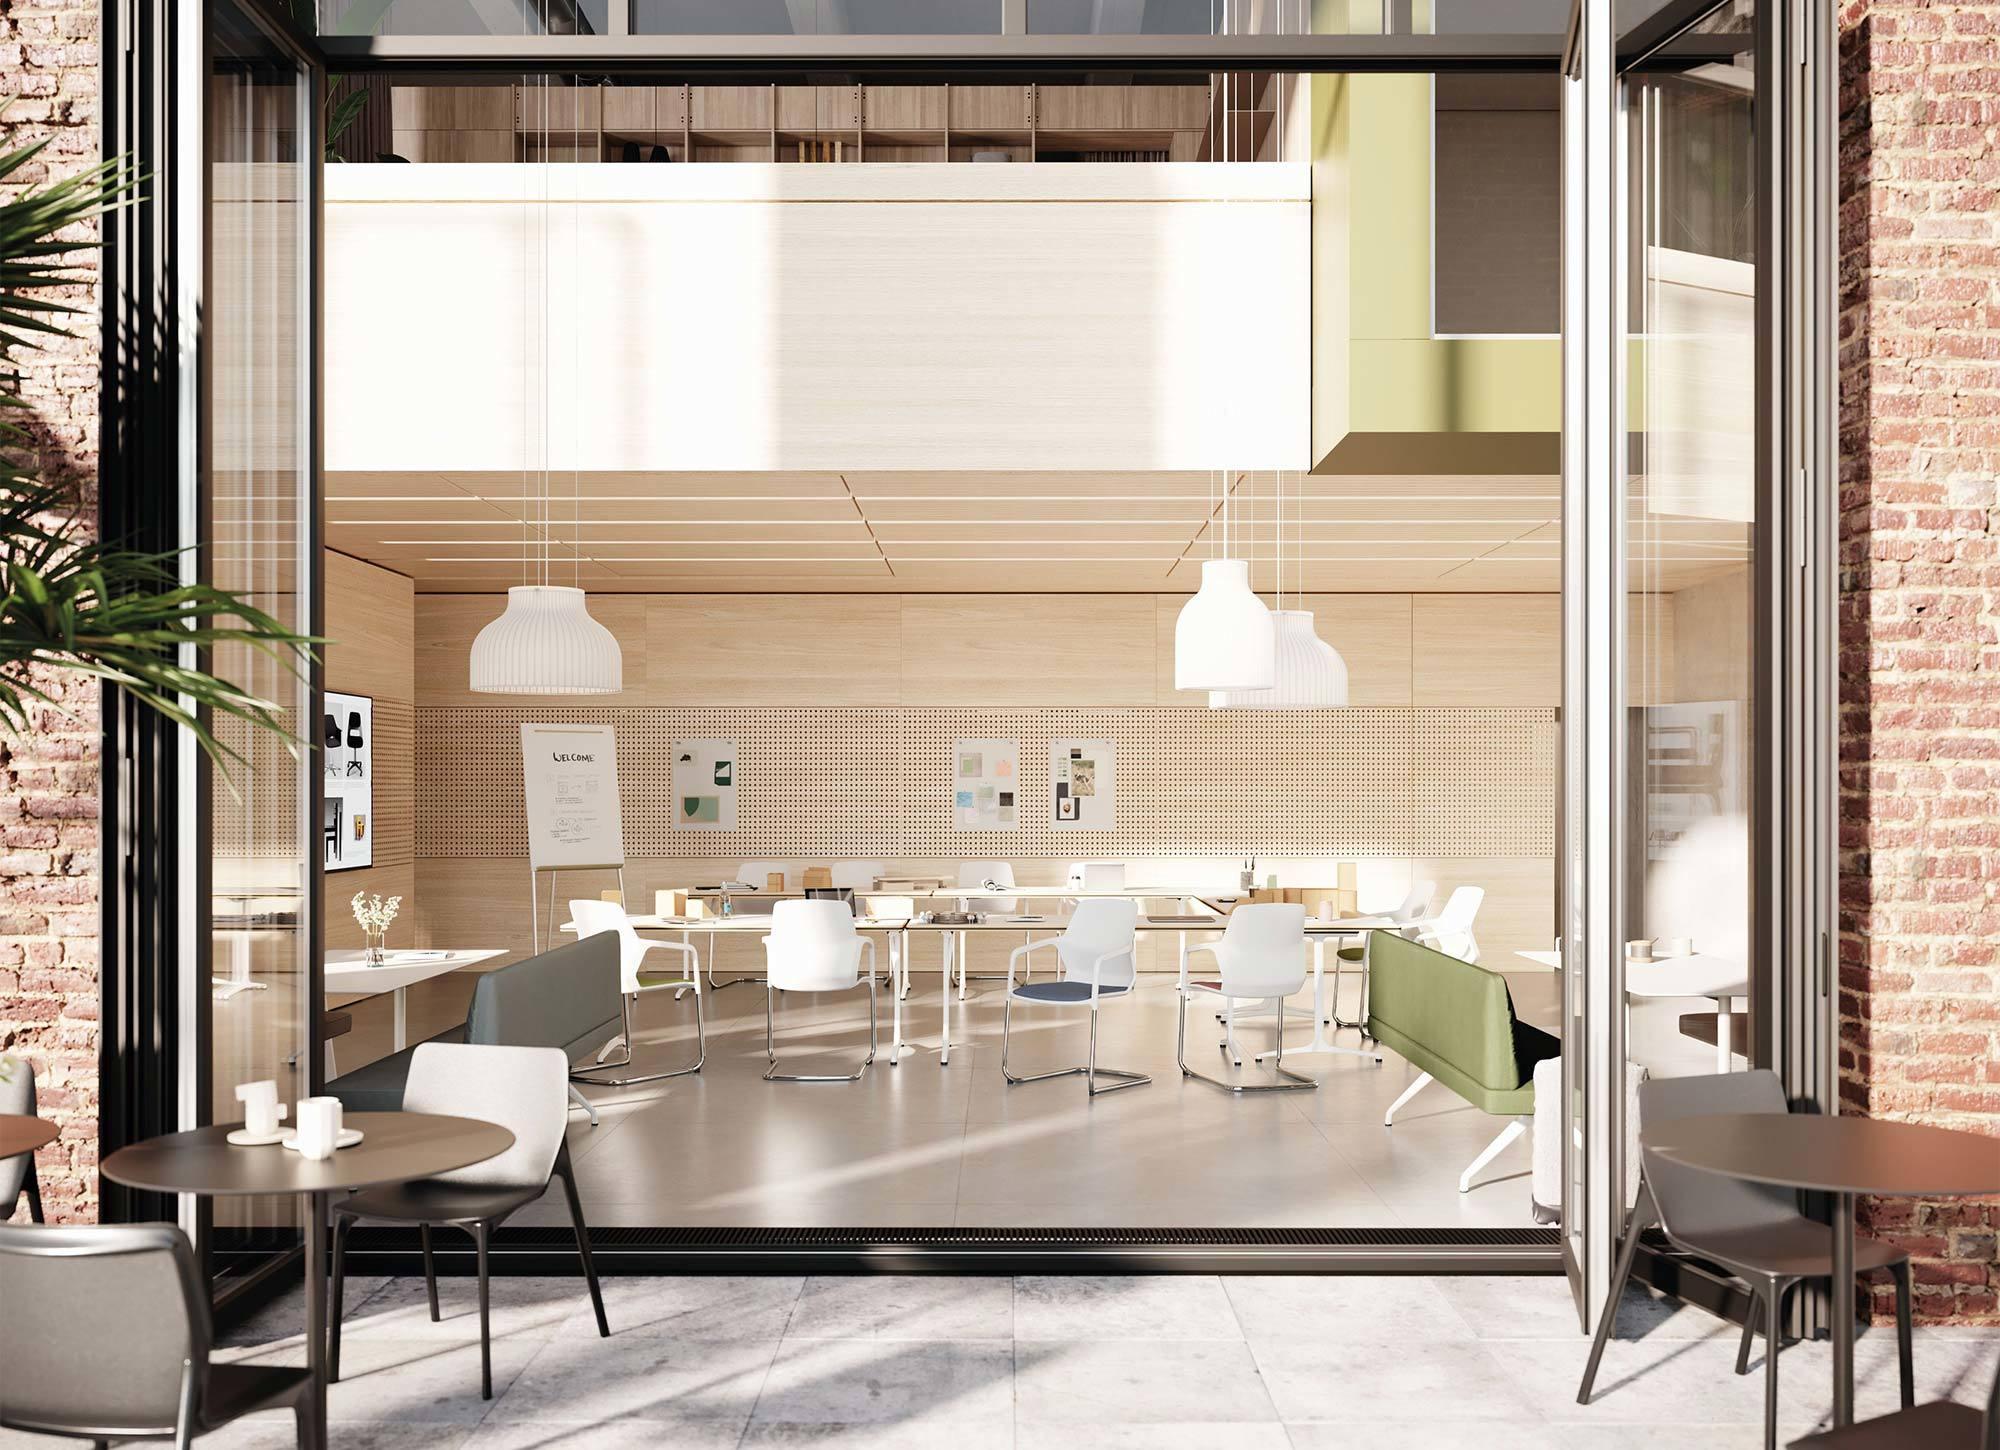 Beim Konzept des Human Centered Workspace öffnet sich das Erdgeschoss mit öffentlichen und halböffentlichen Nutzungen.